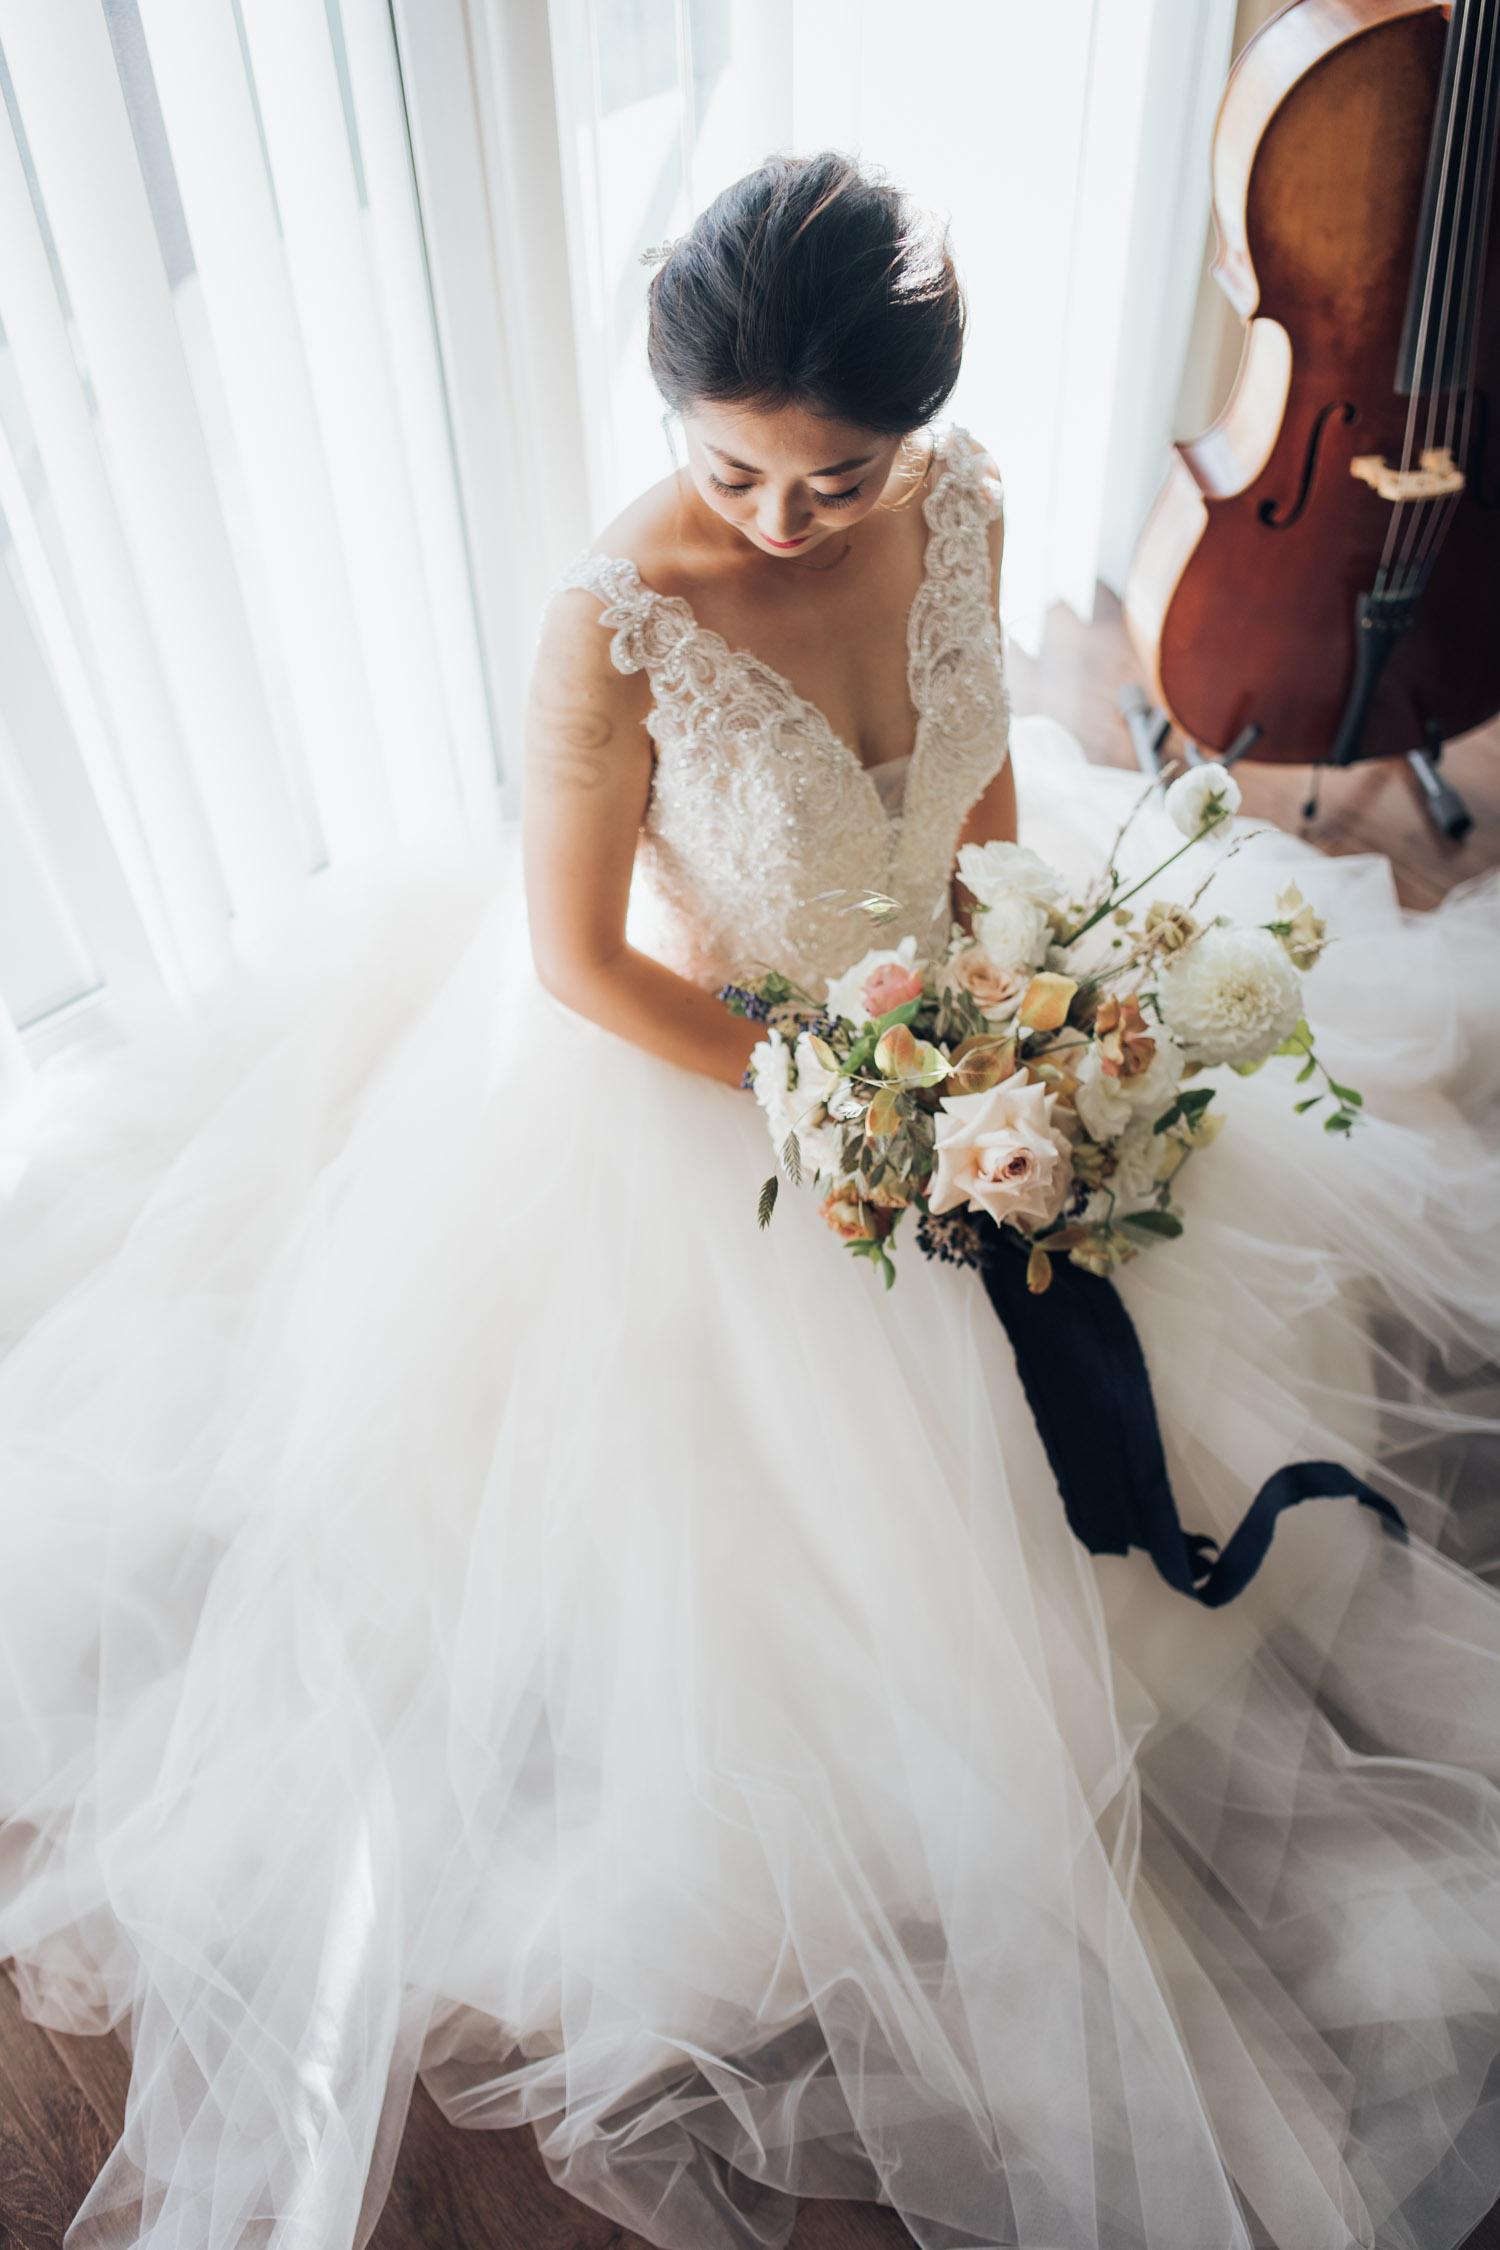 White Oak Flowers Co Bouquet Toronto Wedding Bridal Portrait Before Ceremony